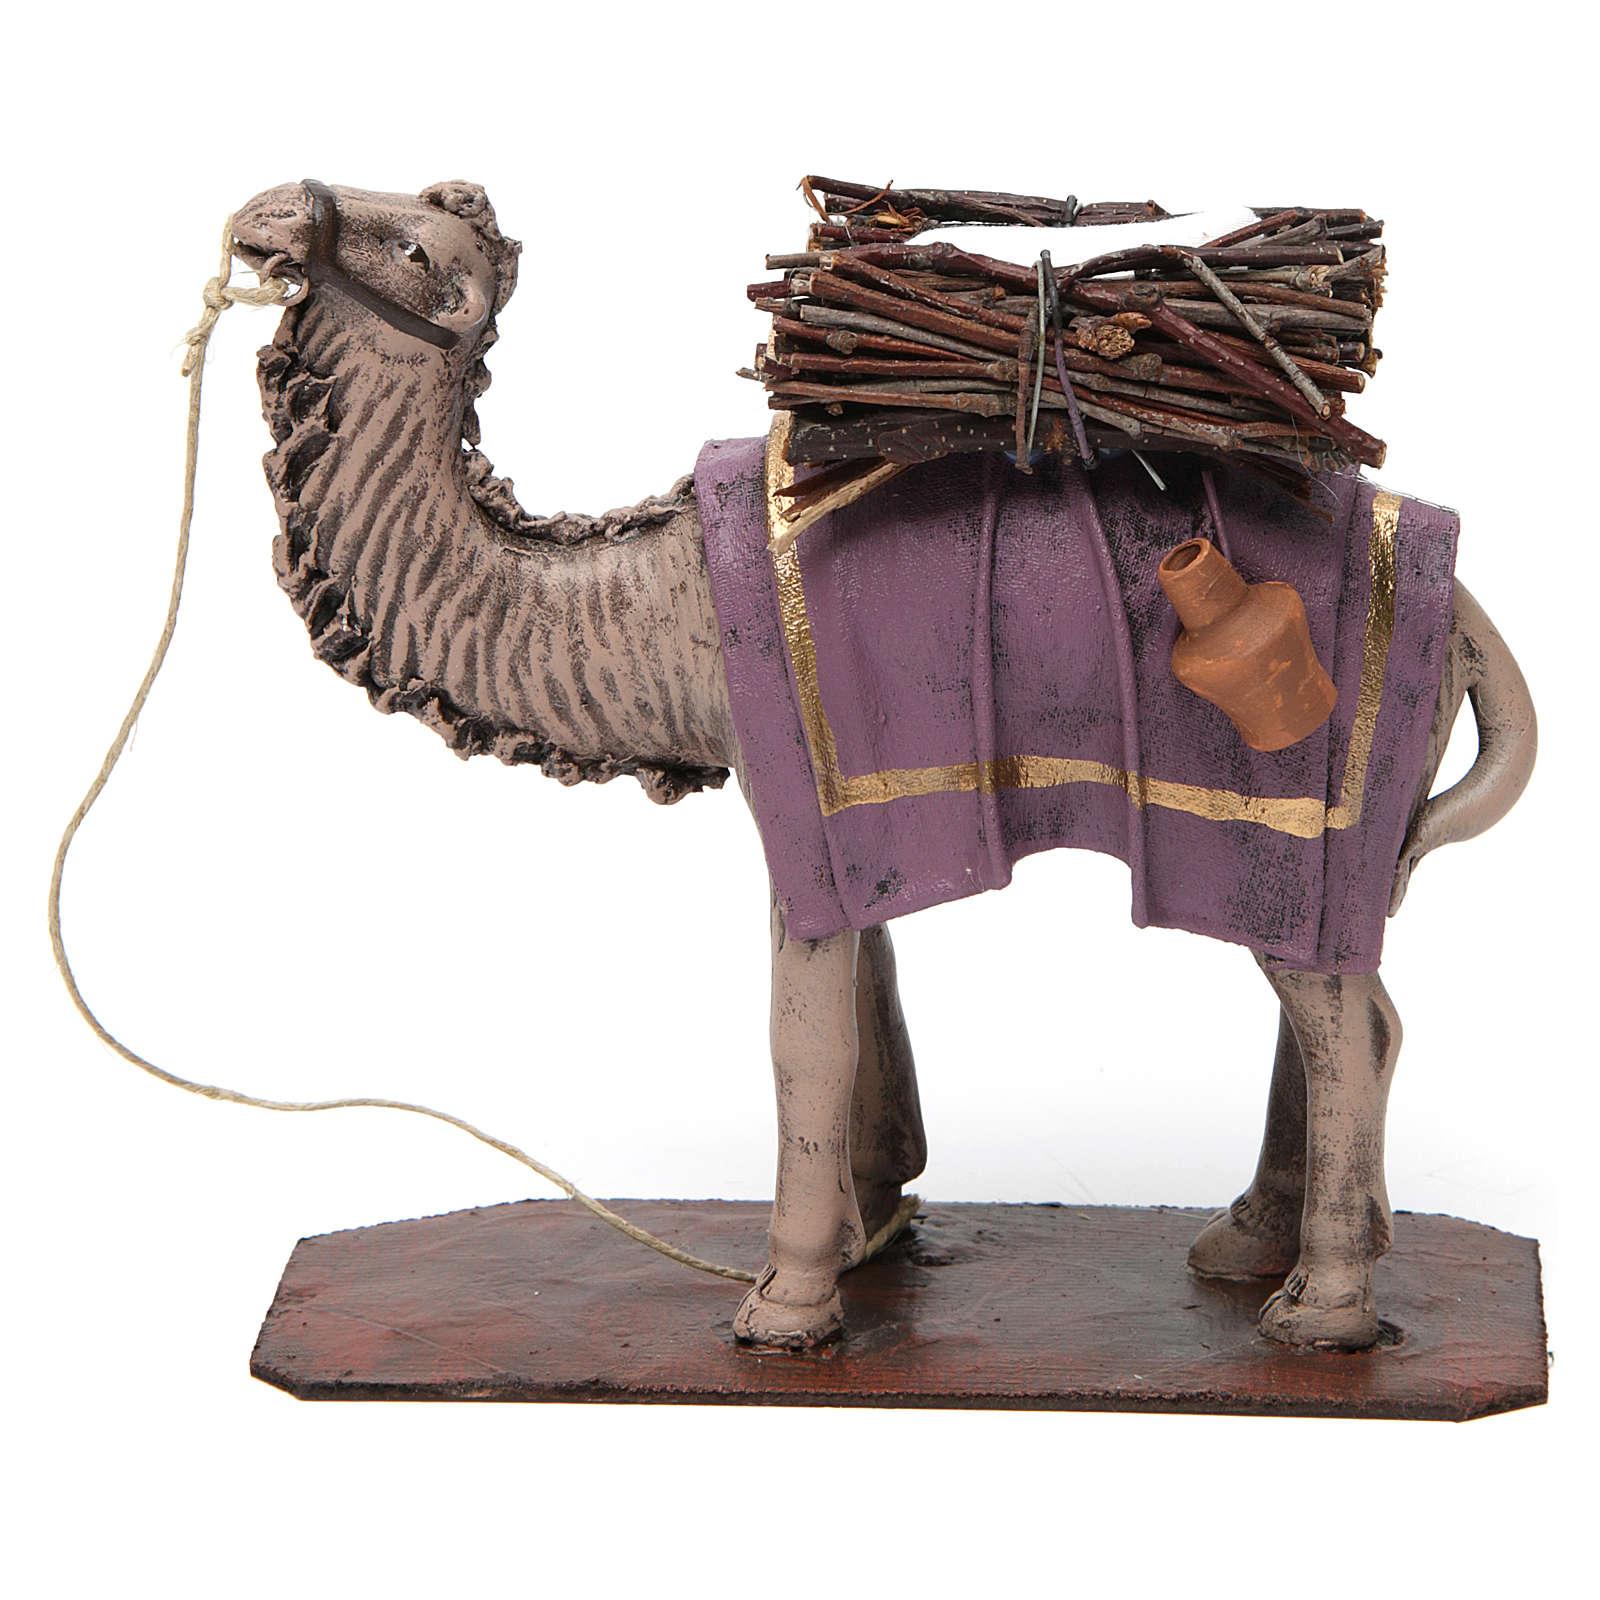 Camello de pie con cargo belén 14 cm de altura media terracota 3